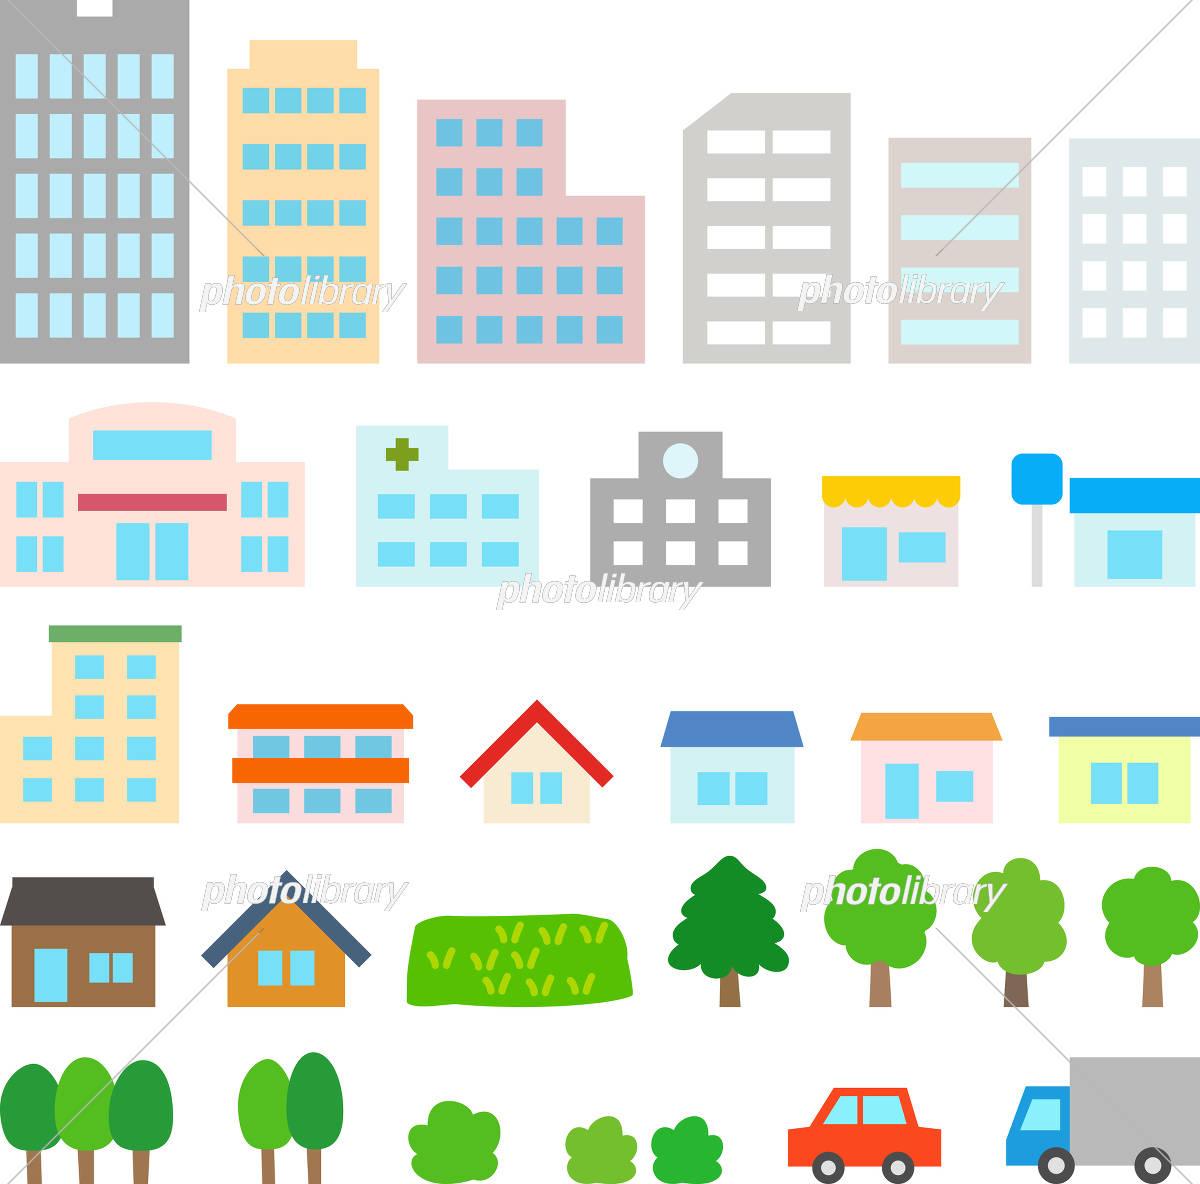 都市 街の建物のアイコンセット イラスト素材 5614691 フォト